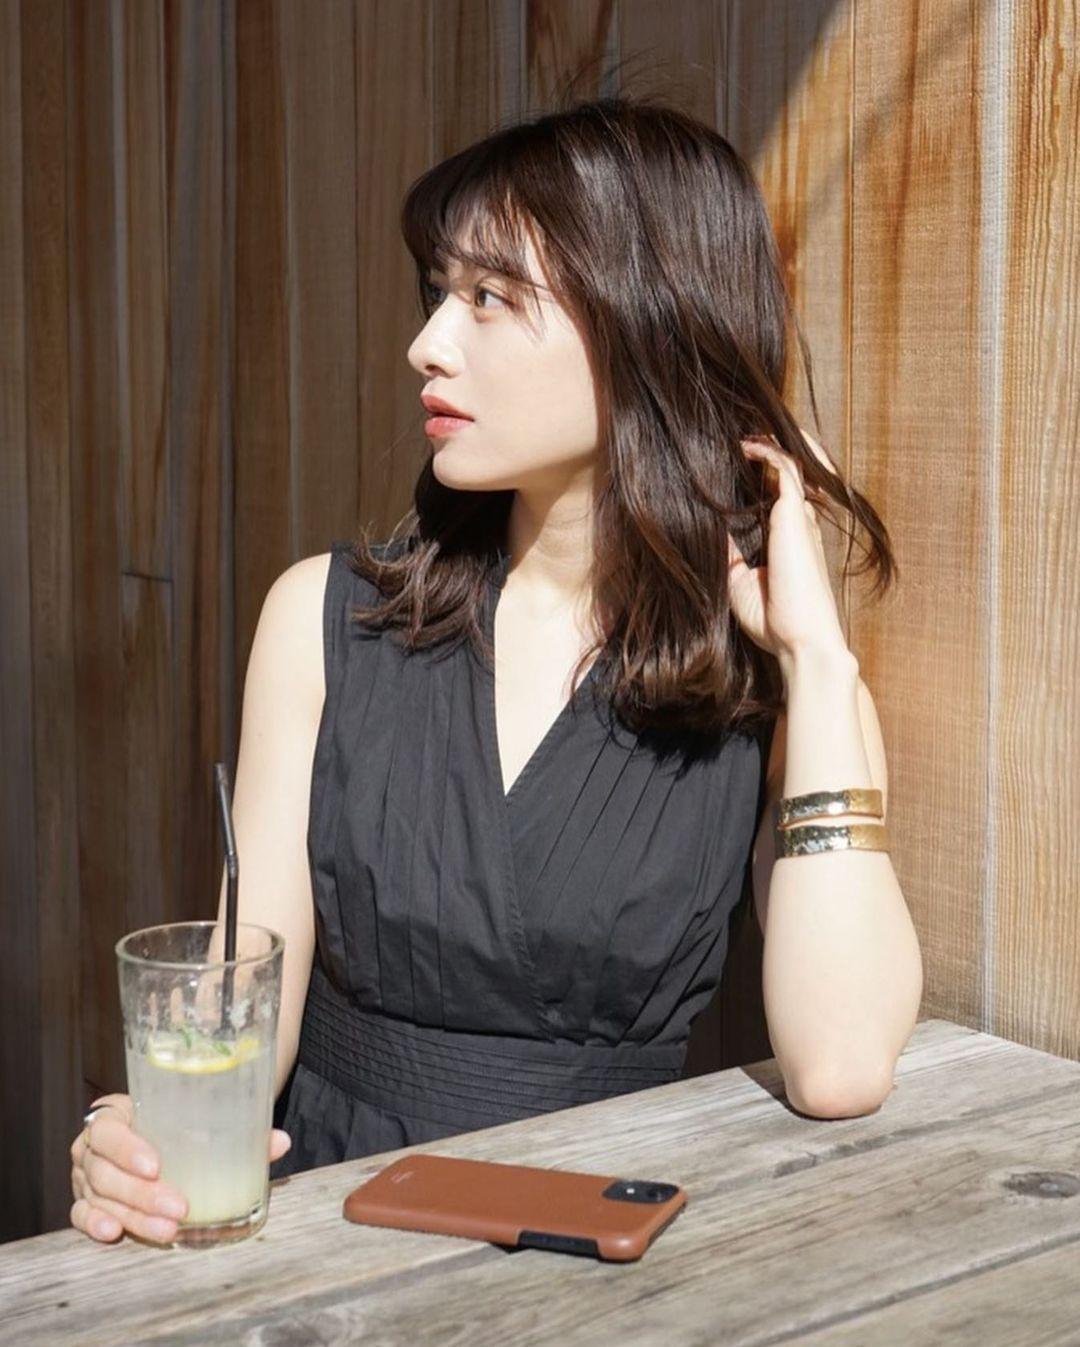 东京私立名校毕业的美女时装设计师日本妹子的清新甜美气质真的好可爱 养眼图片 第2张